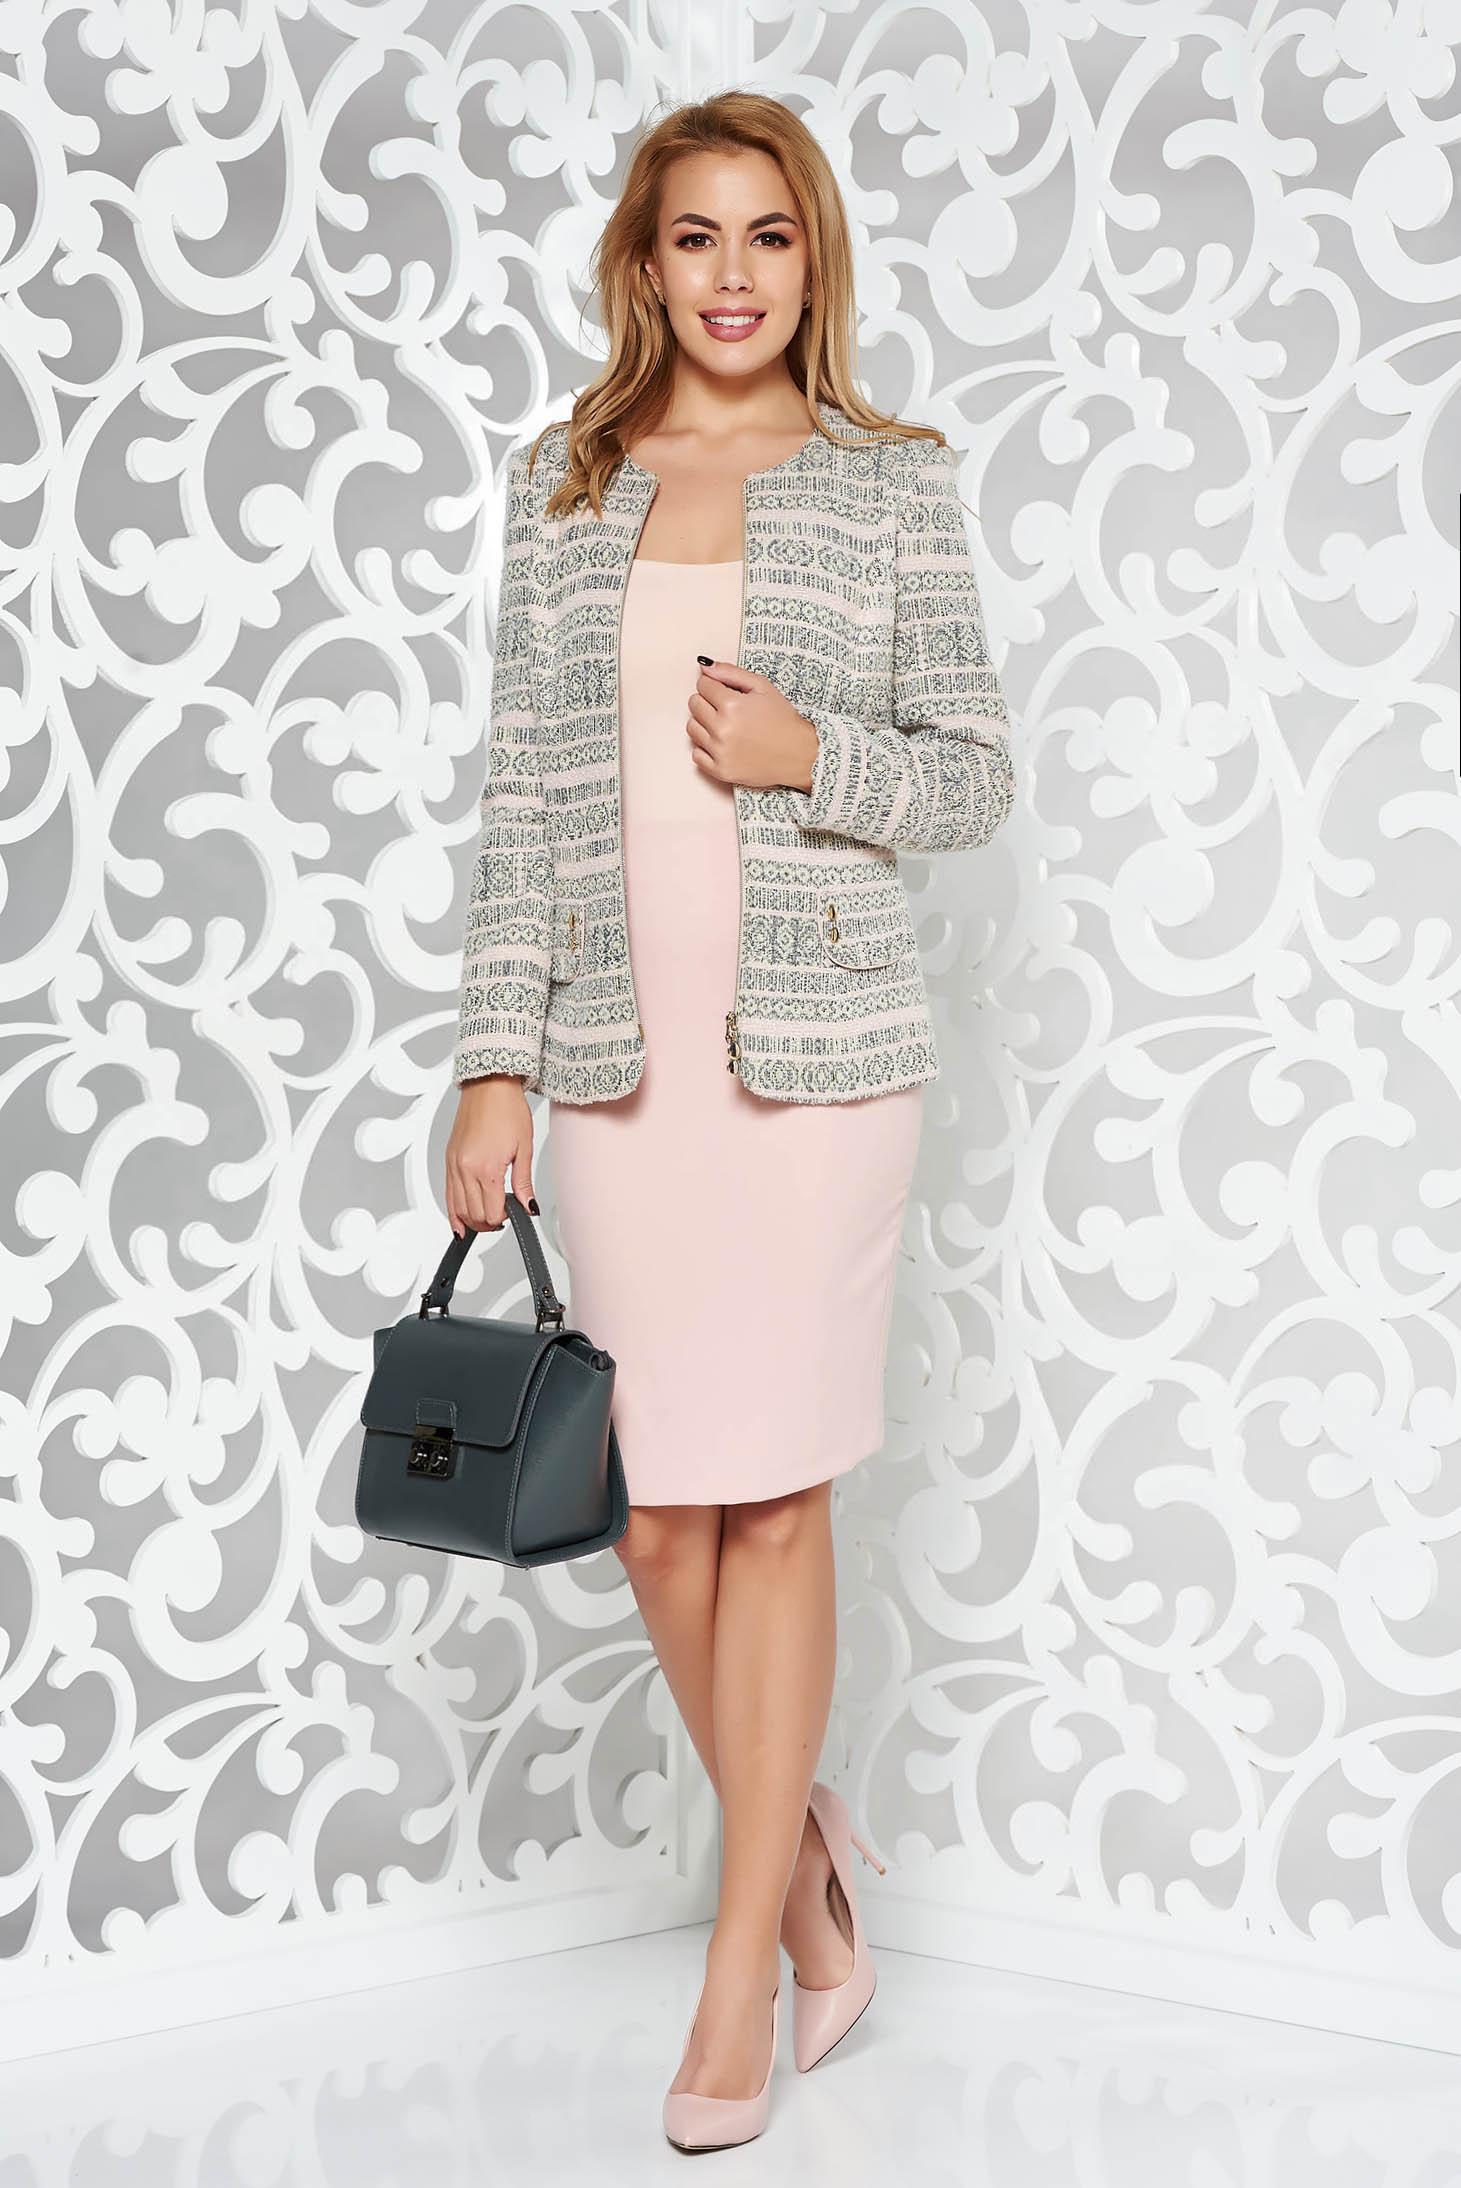 b9b2cf0f84 Rózsaszínű elegáns női kosztüm rugalmatlan szövet belső béléssel szoknyával